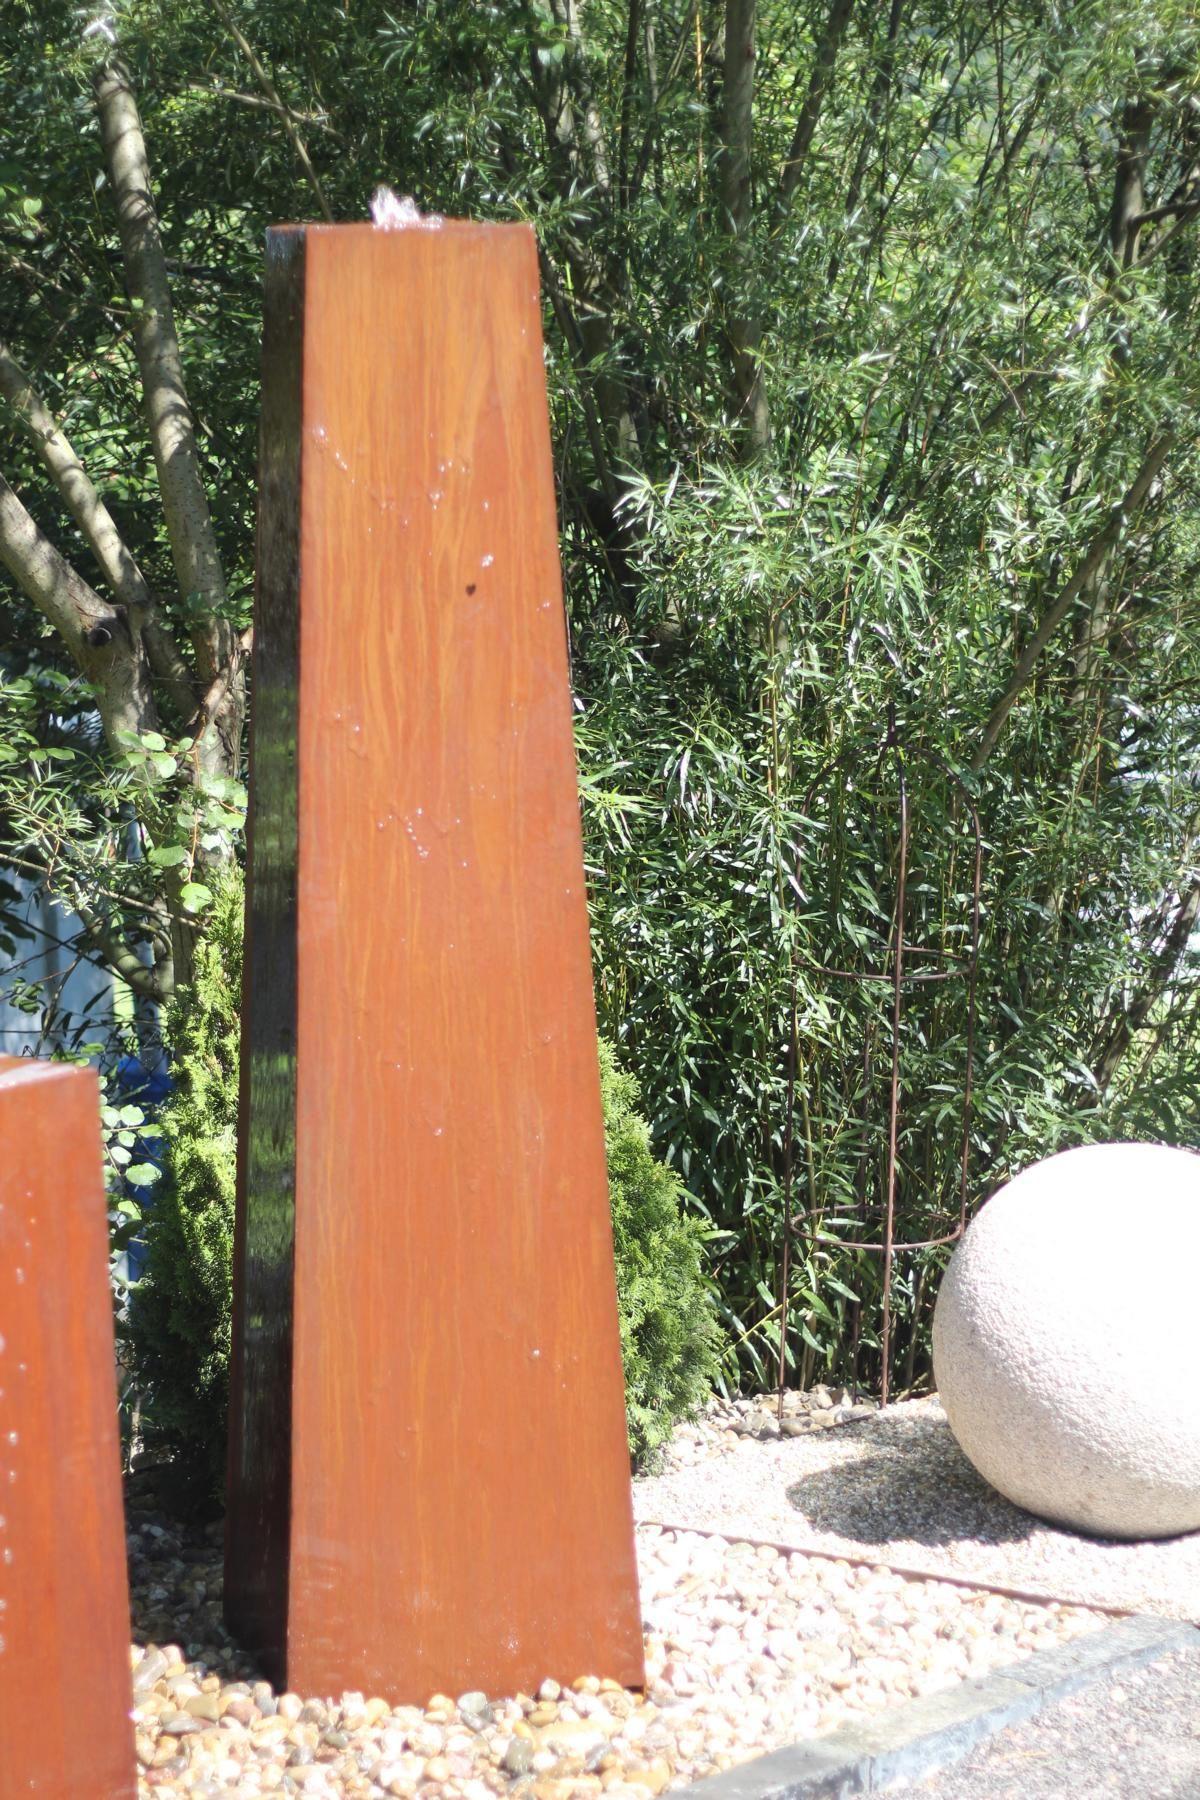 Wasserspiel Brunnen Cortenstahl Konus Säule Rost Edelrost Wasser Im Garten Ausstellung Brunnenschmiede De Edelrost Cortenstahl Gartenbrunnen